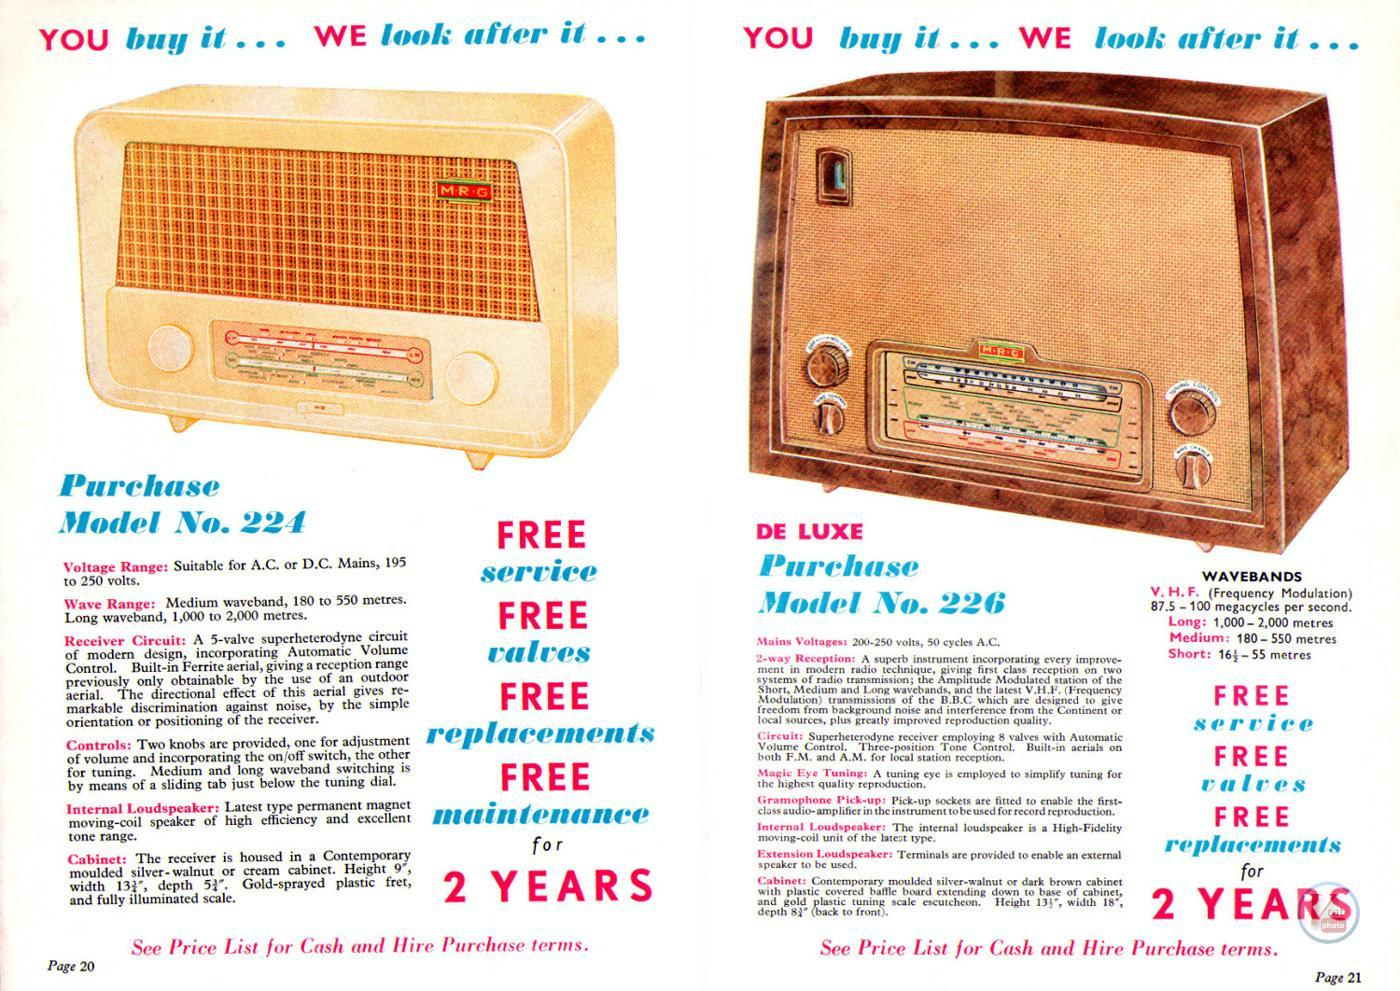 1957 Radio Rentals Catalogue 85